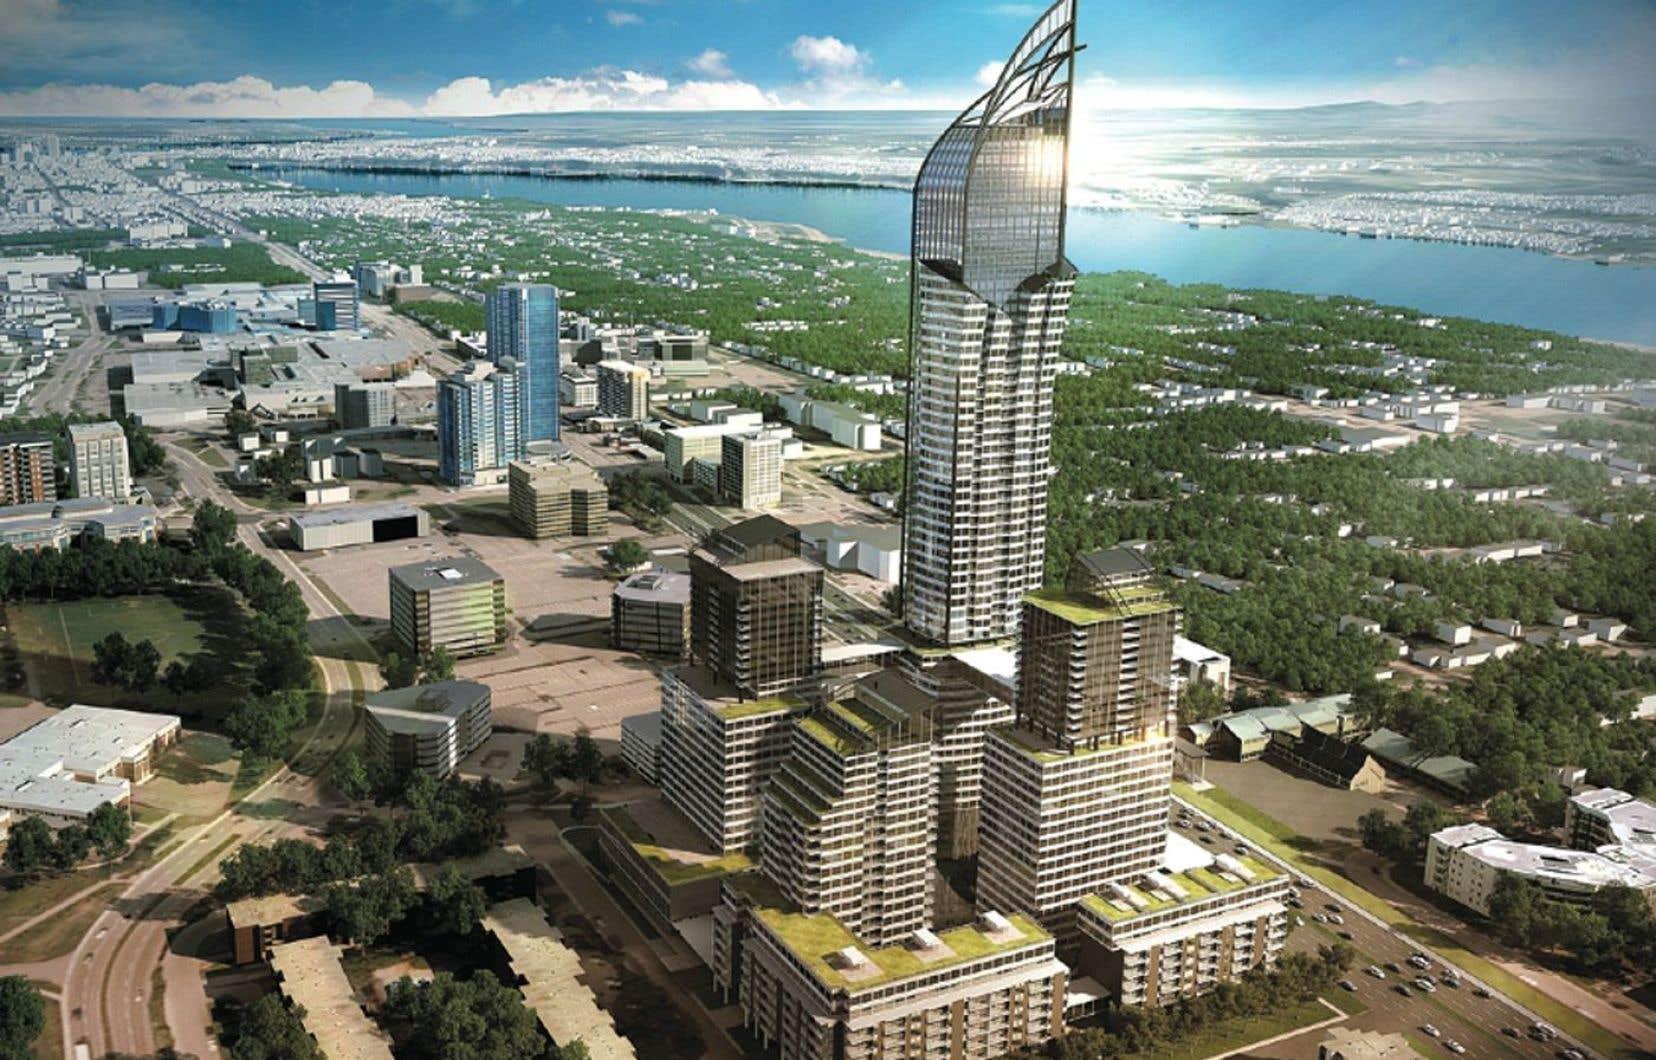 Ce type de tour appartient à une période de croissance économique et démographique extrêmement rapide des métropoles qui est révolue au Québec.